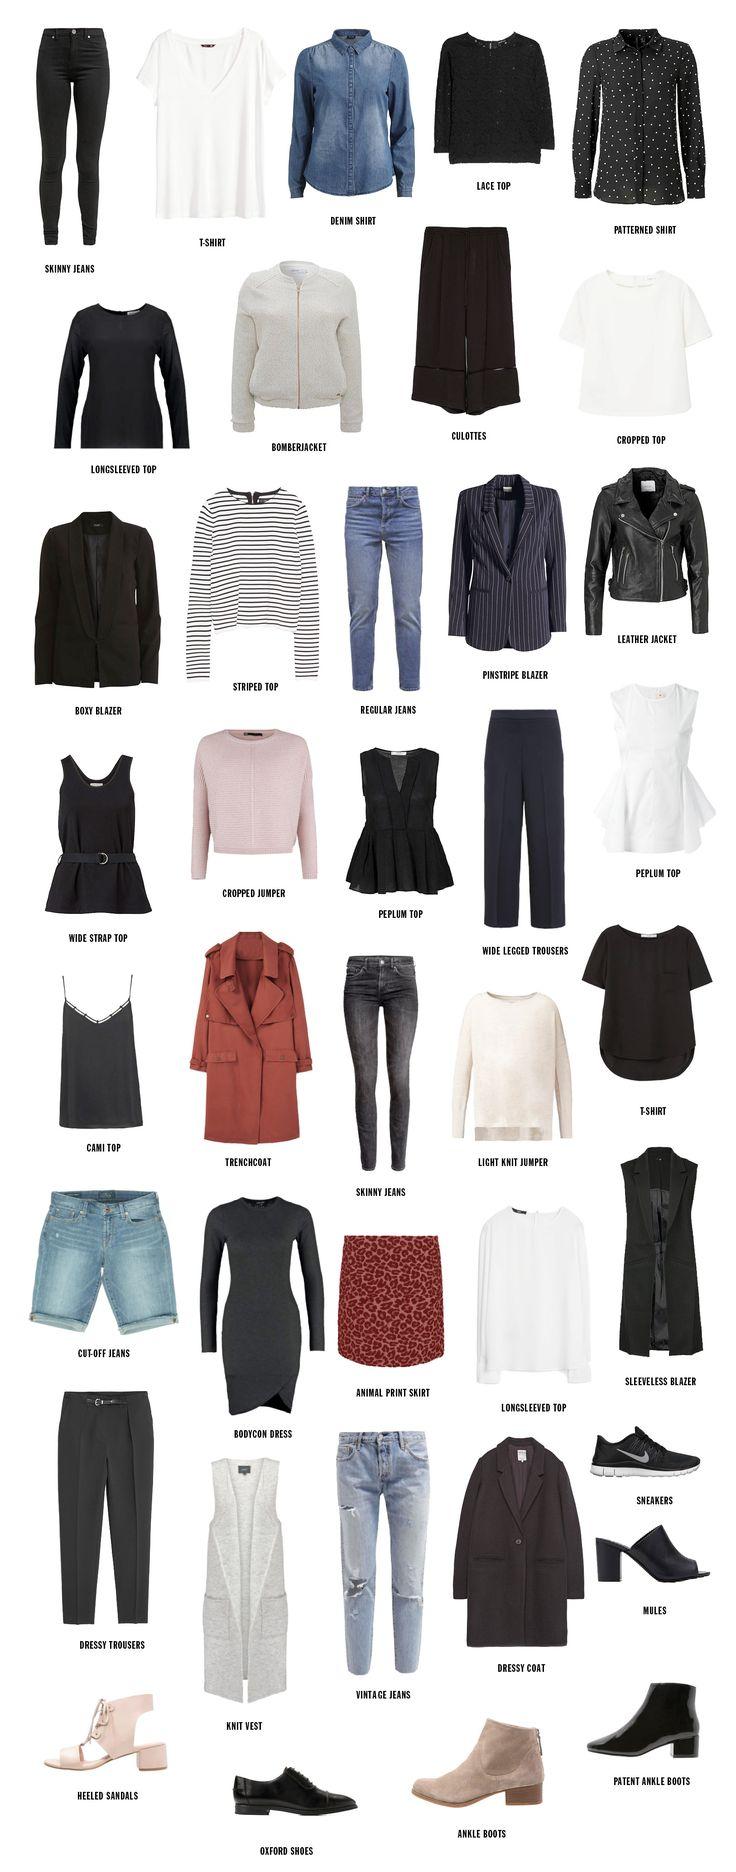 48 Best Fashion / Capsule Wardrobe Images On Pinterest